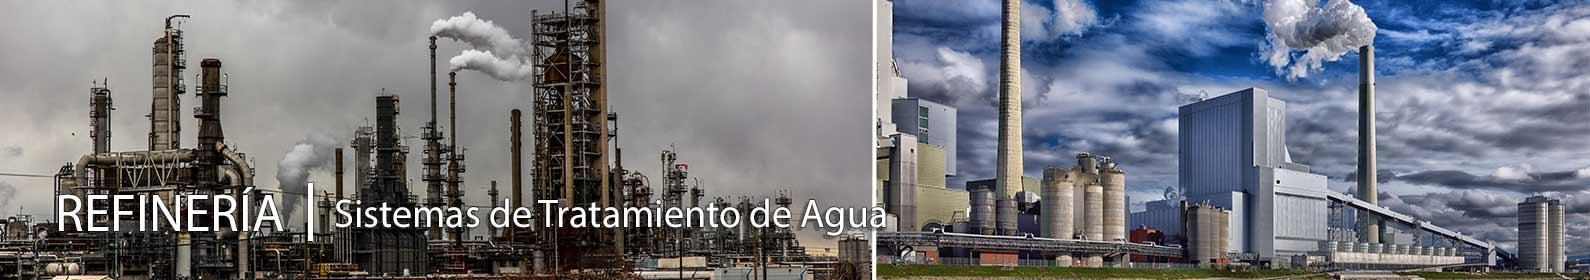 sistemas-de-tratamiento-de-agua-refineria..jpg